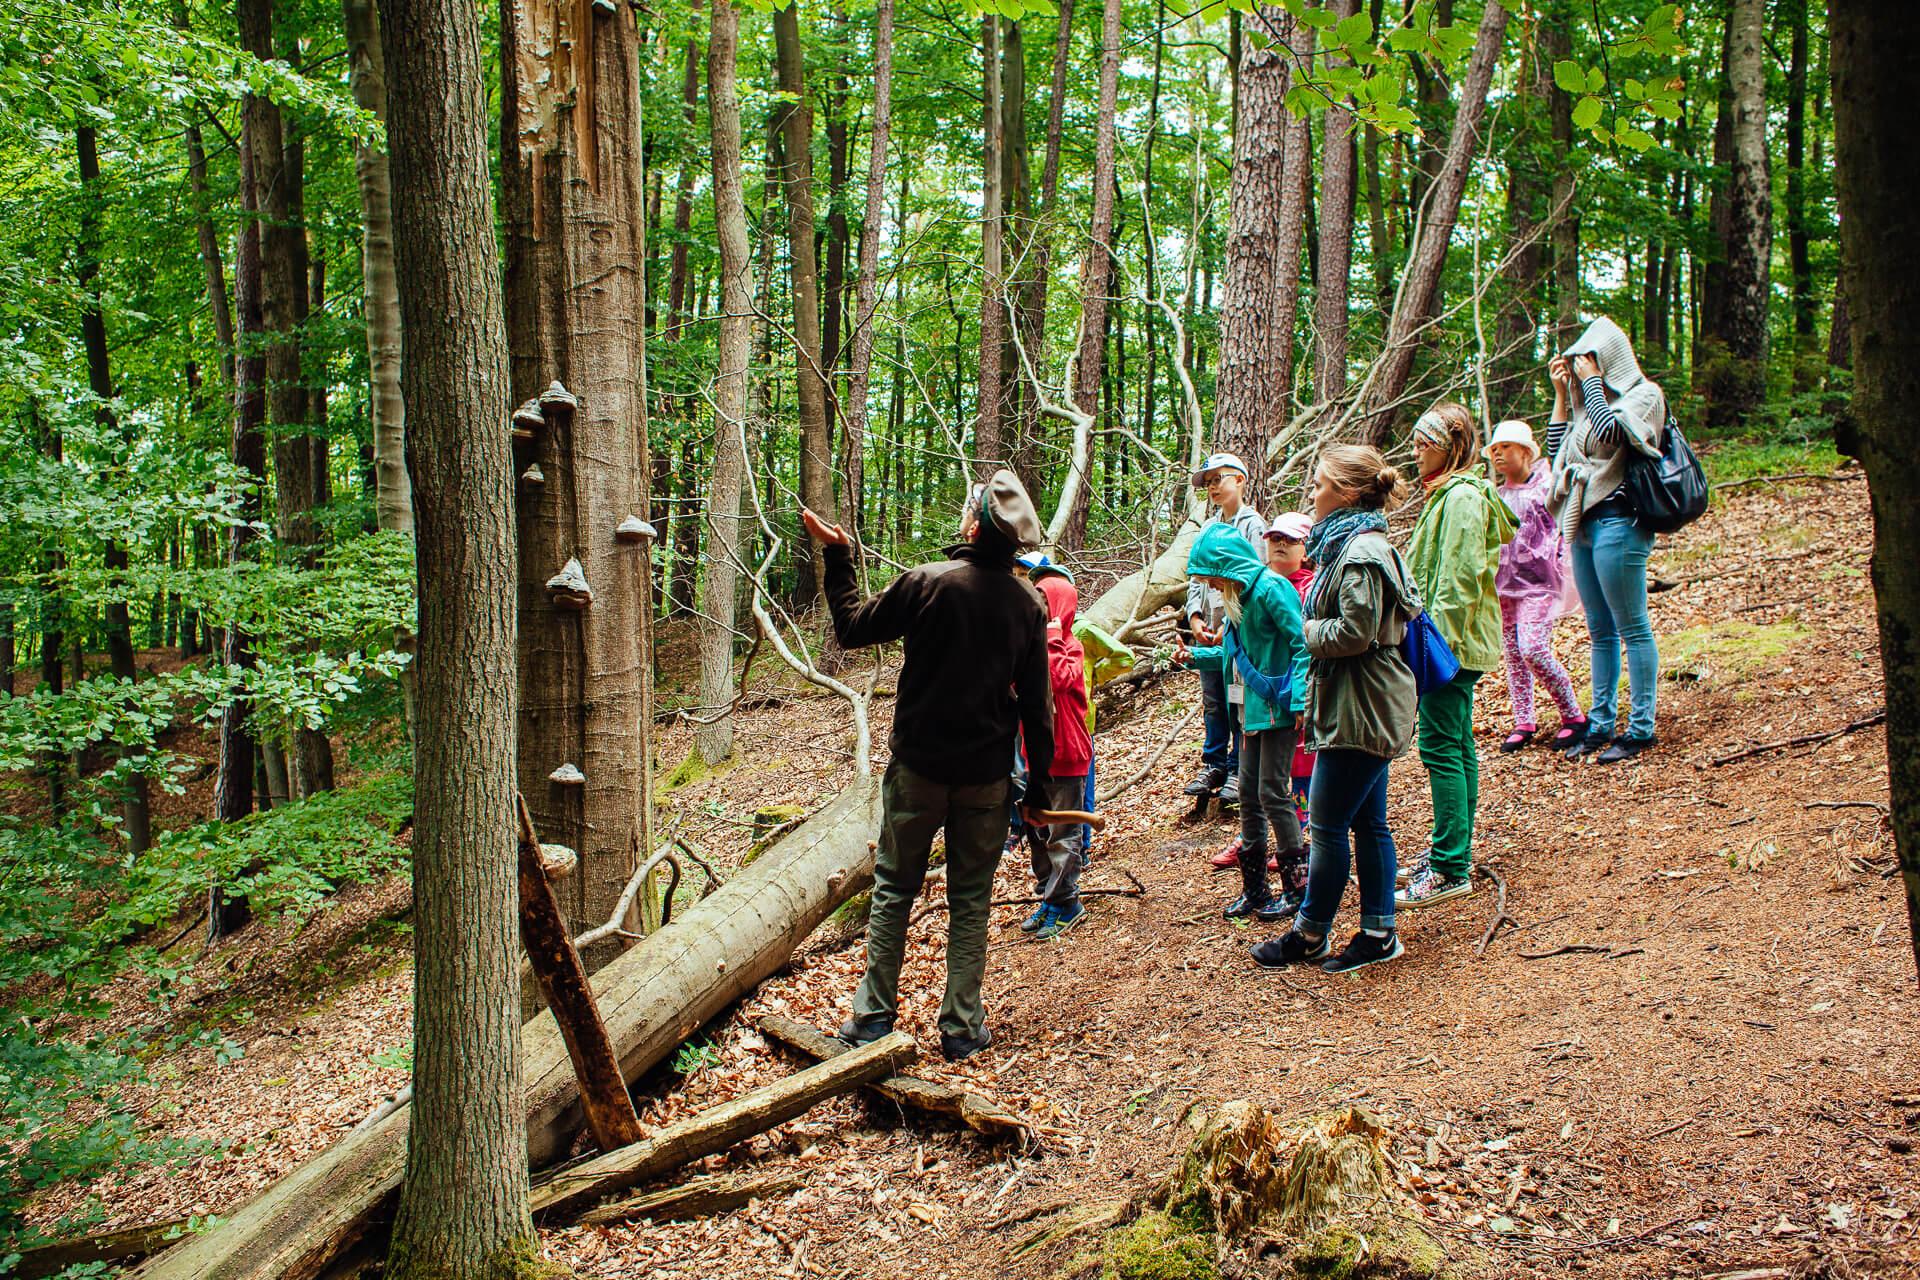 Marszewo sciezki przyrodnicze 5 nature trail - Nature trails in Pomorskie: take a stroll and learn something new